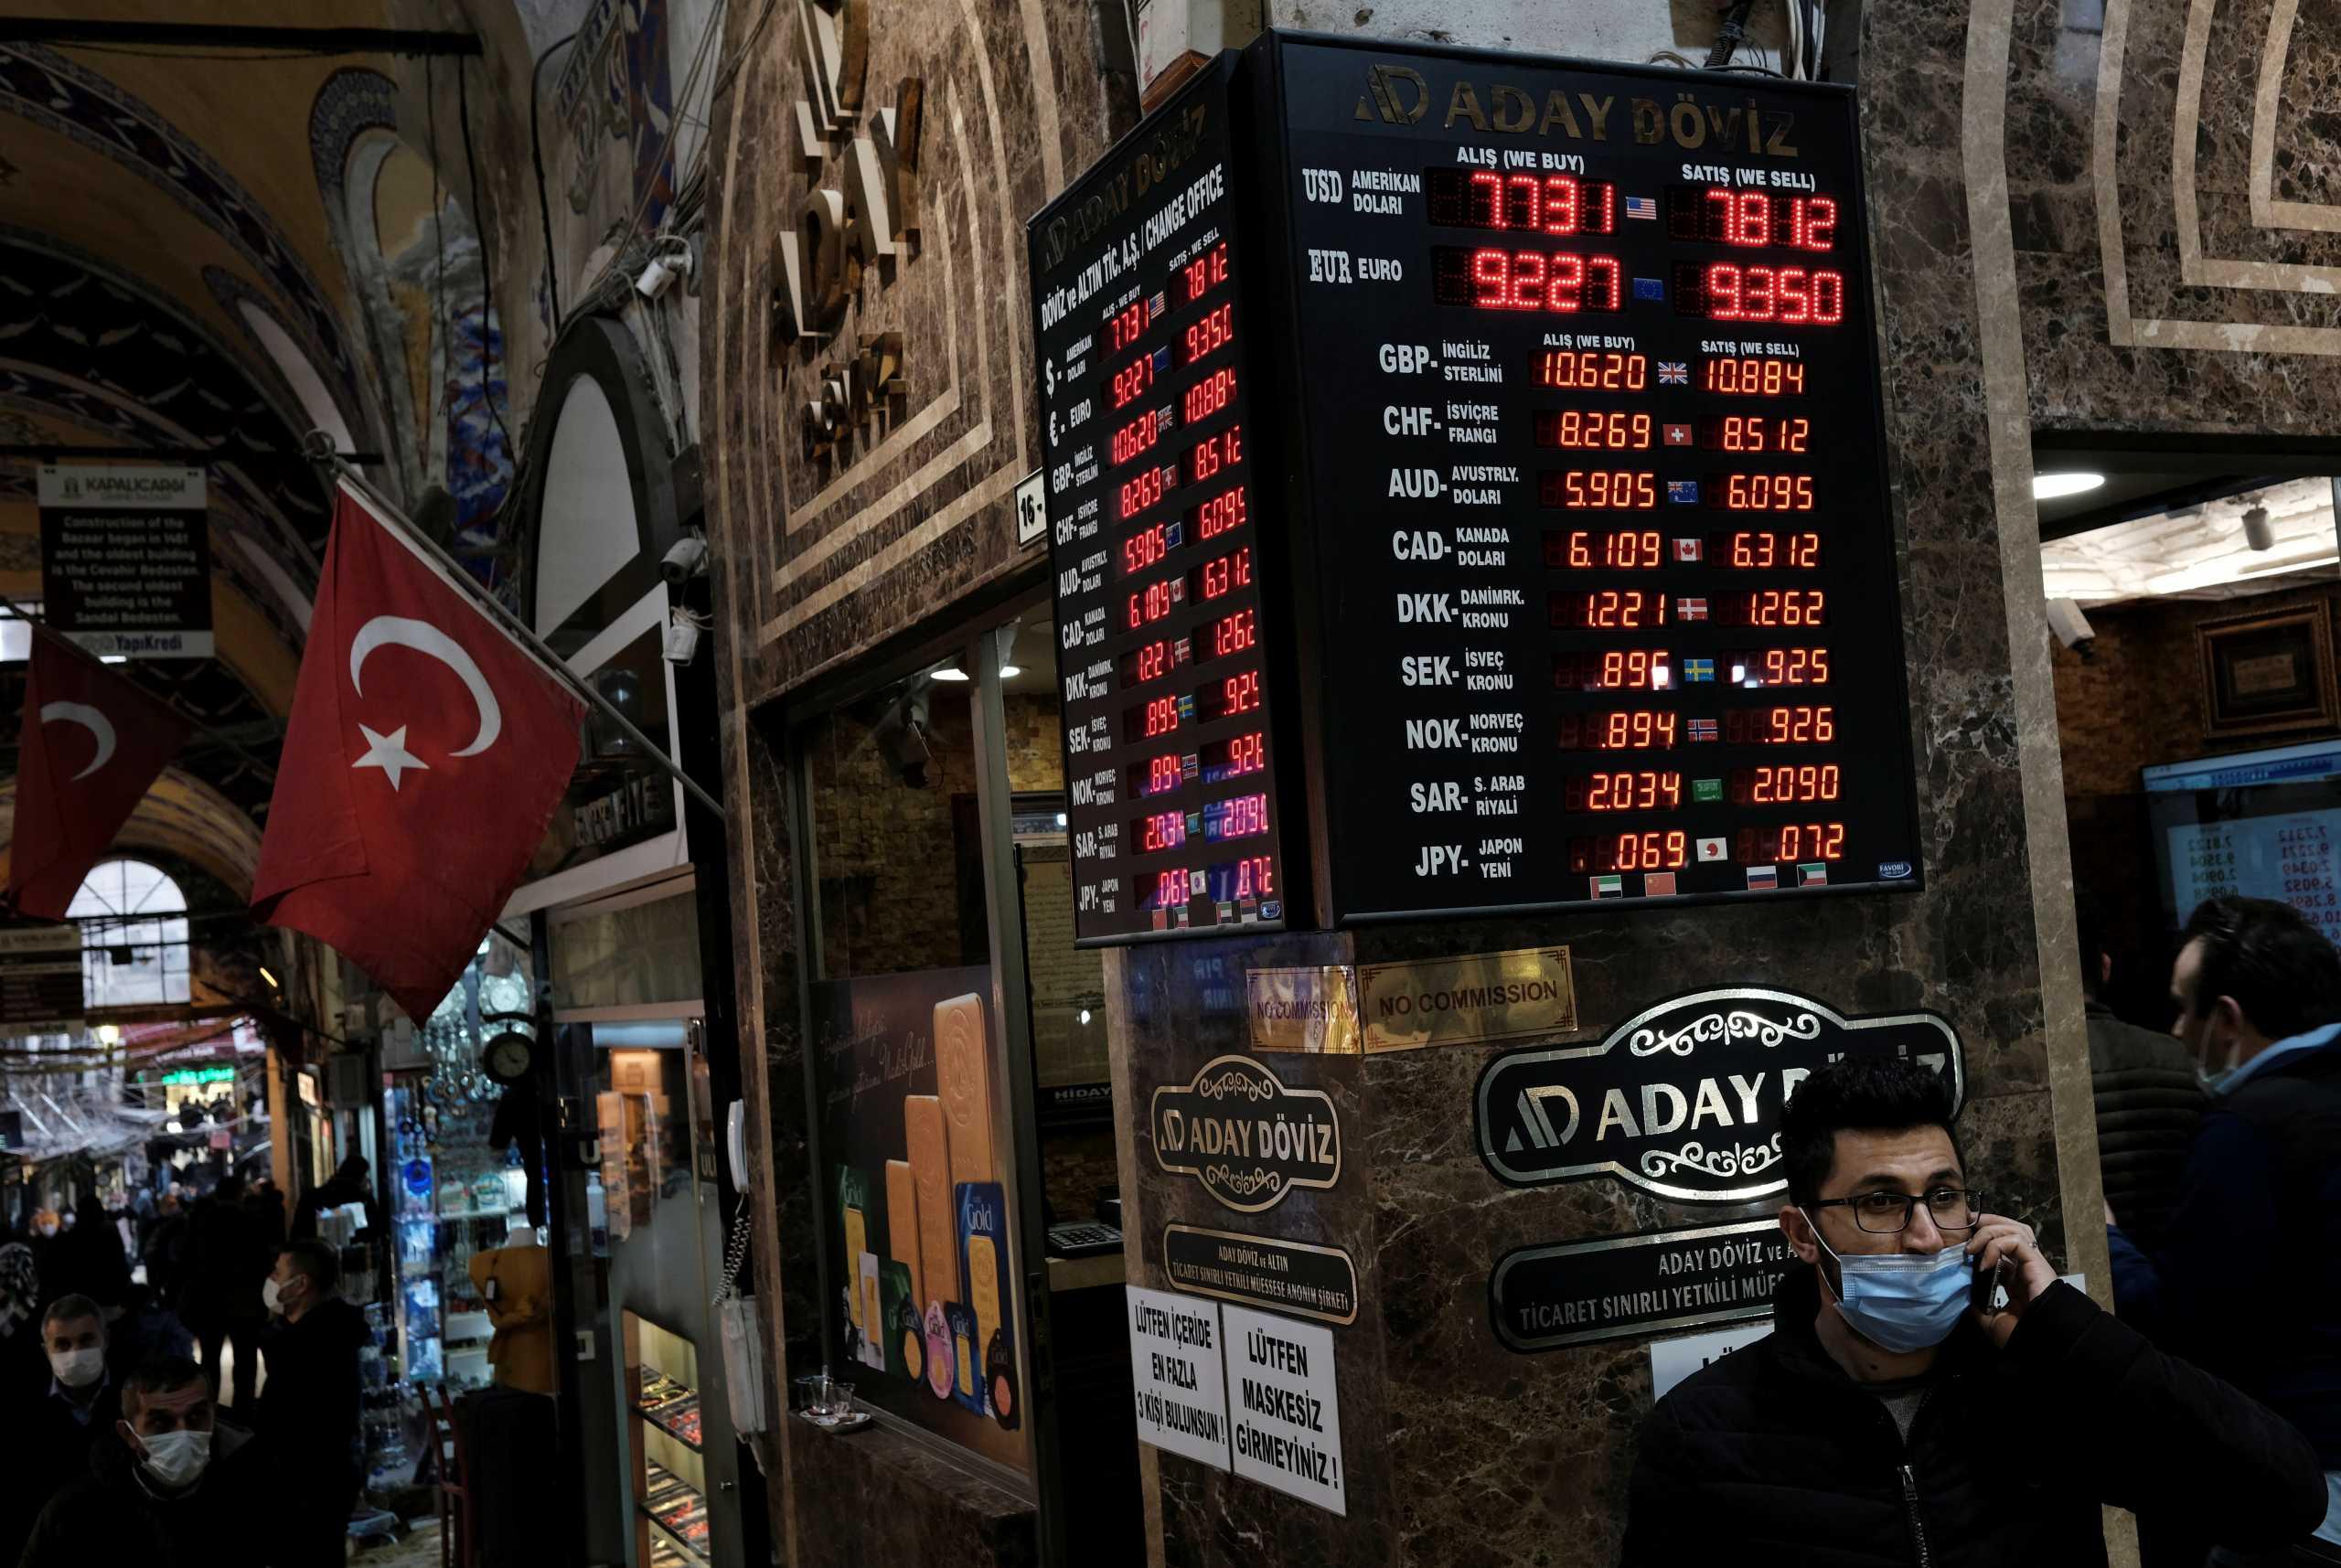 Στη δίνη του… Ερντογάν η τουρκική οικονομία: «Βουτιά» στο Χρηματιστήριο, διακόπηκαν δυο φορές οι συναλλαγές